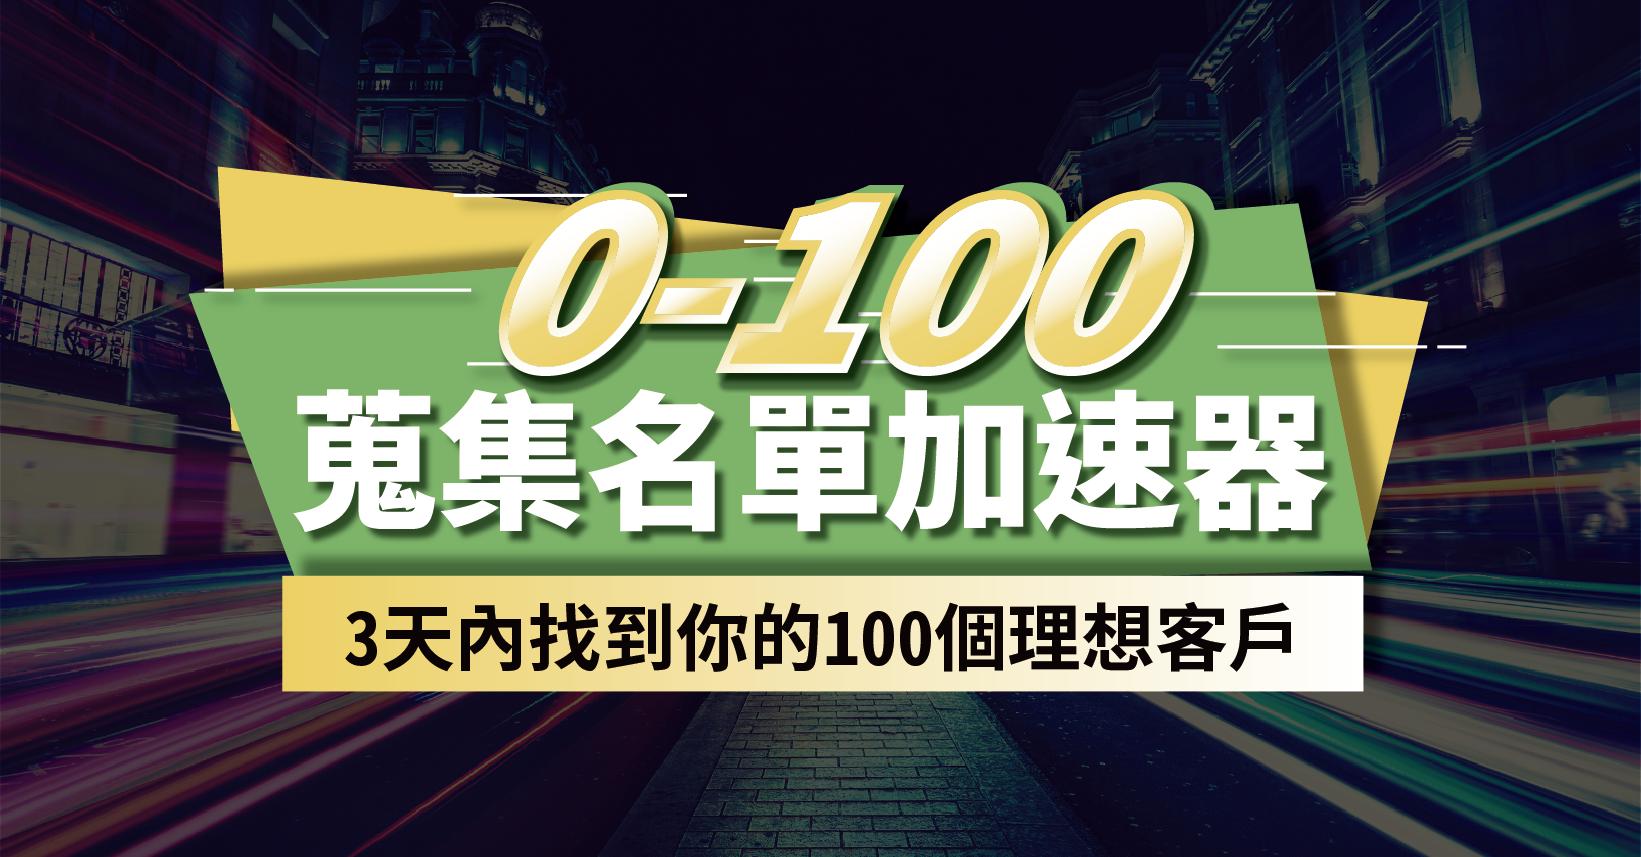 0-100 搜集名單加速器